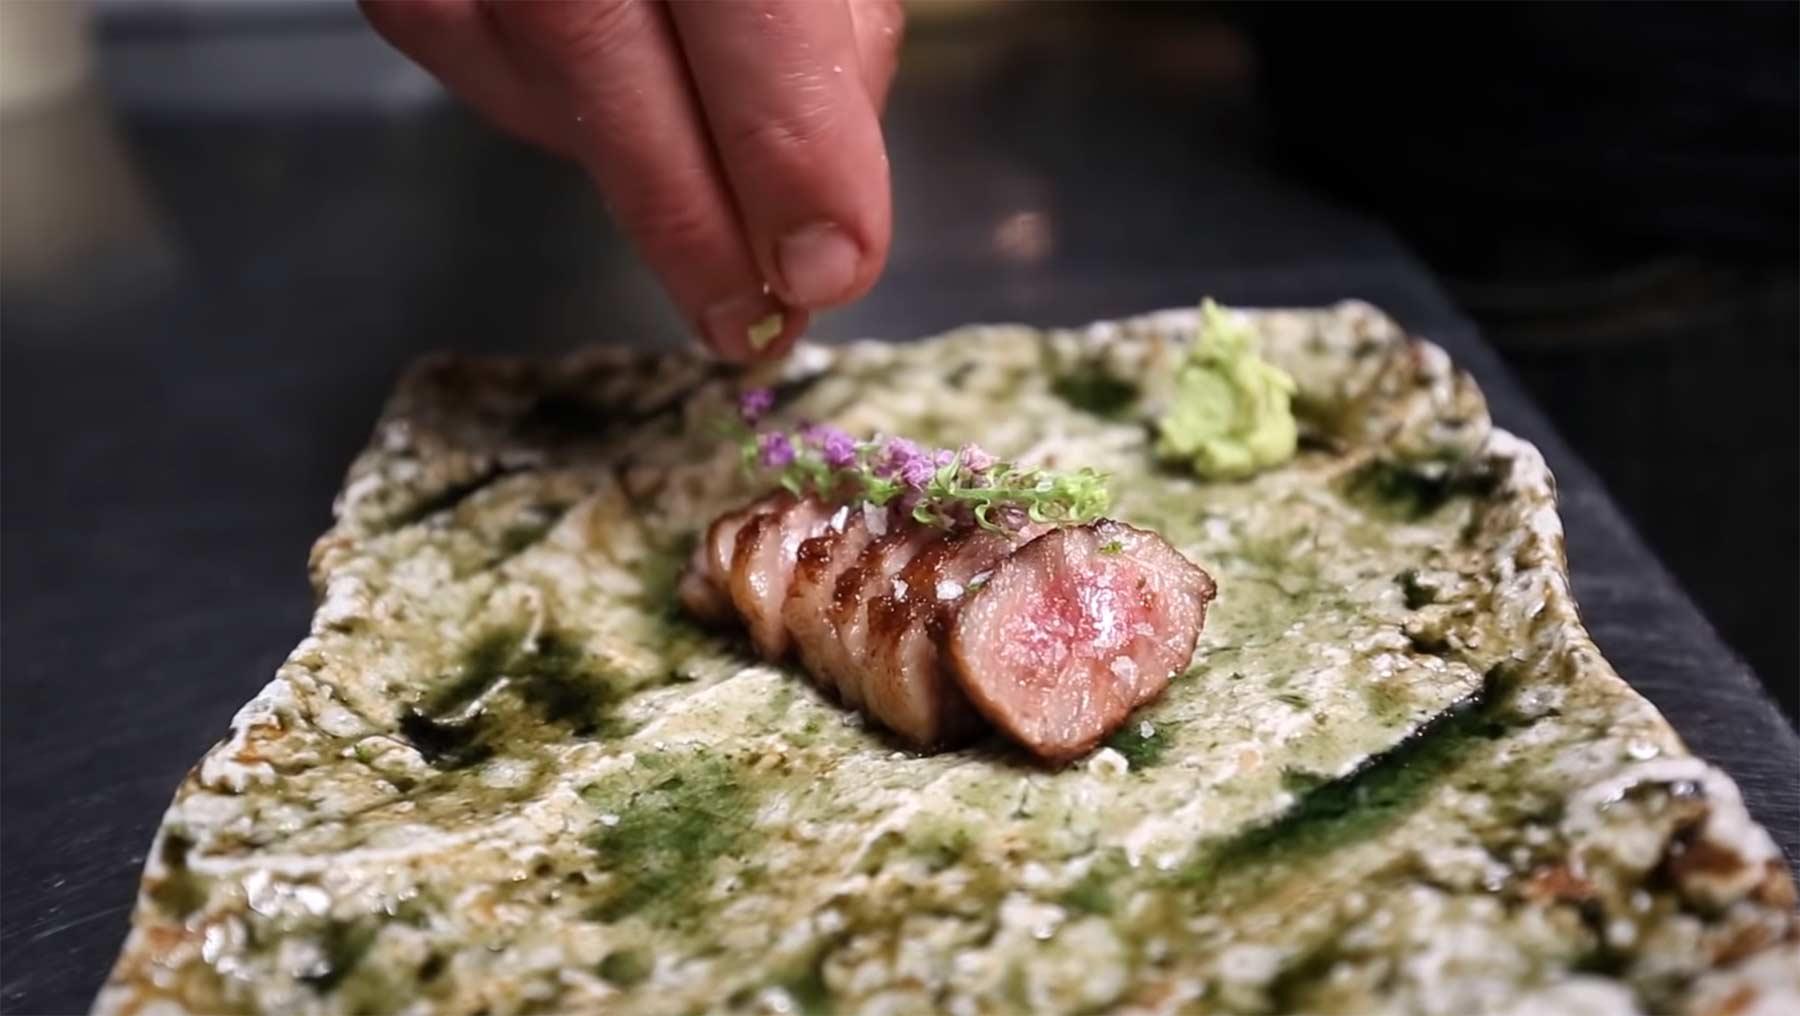 Wieso ist Wagyū-Fleisch eigentlich so teuer?